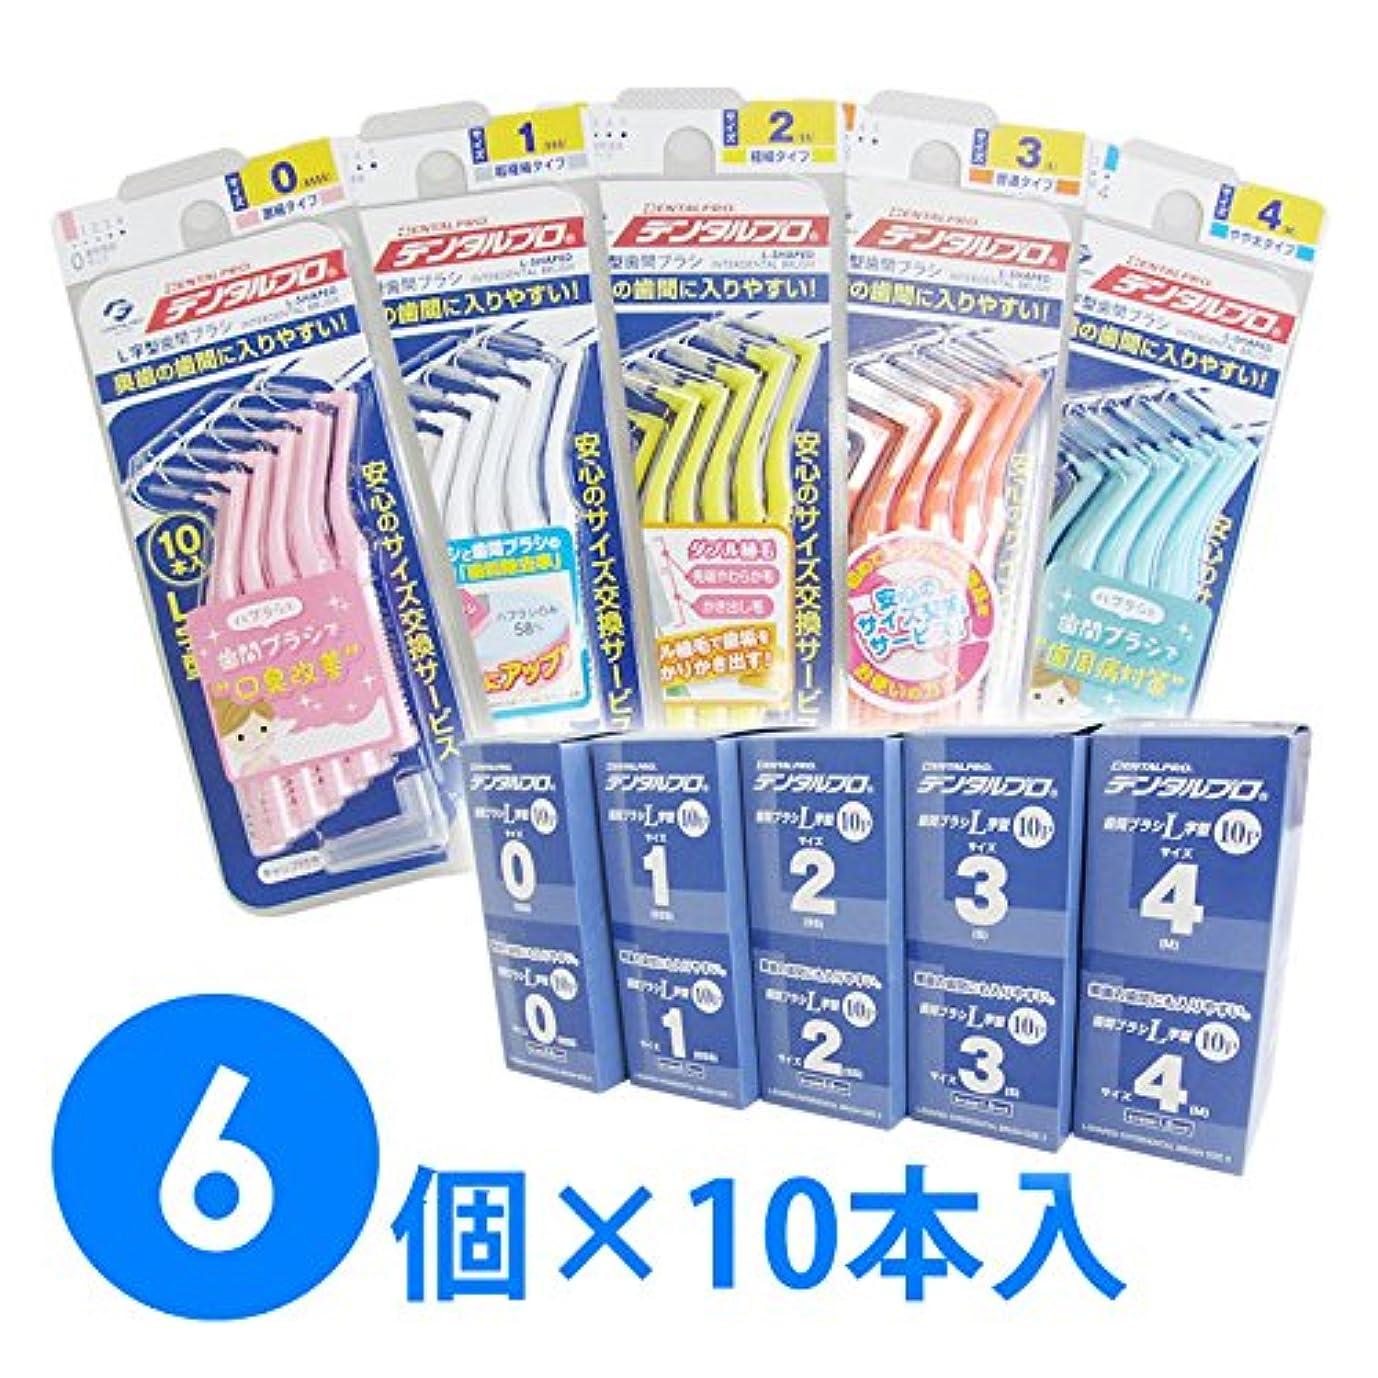 セグメント歌詞レオナルドダ【6個1箱】デンタルプロ 歯間ブラシL字型 10本入り×6個 (SS(2)イエロー)